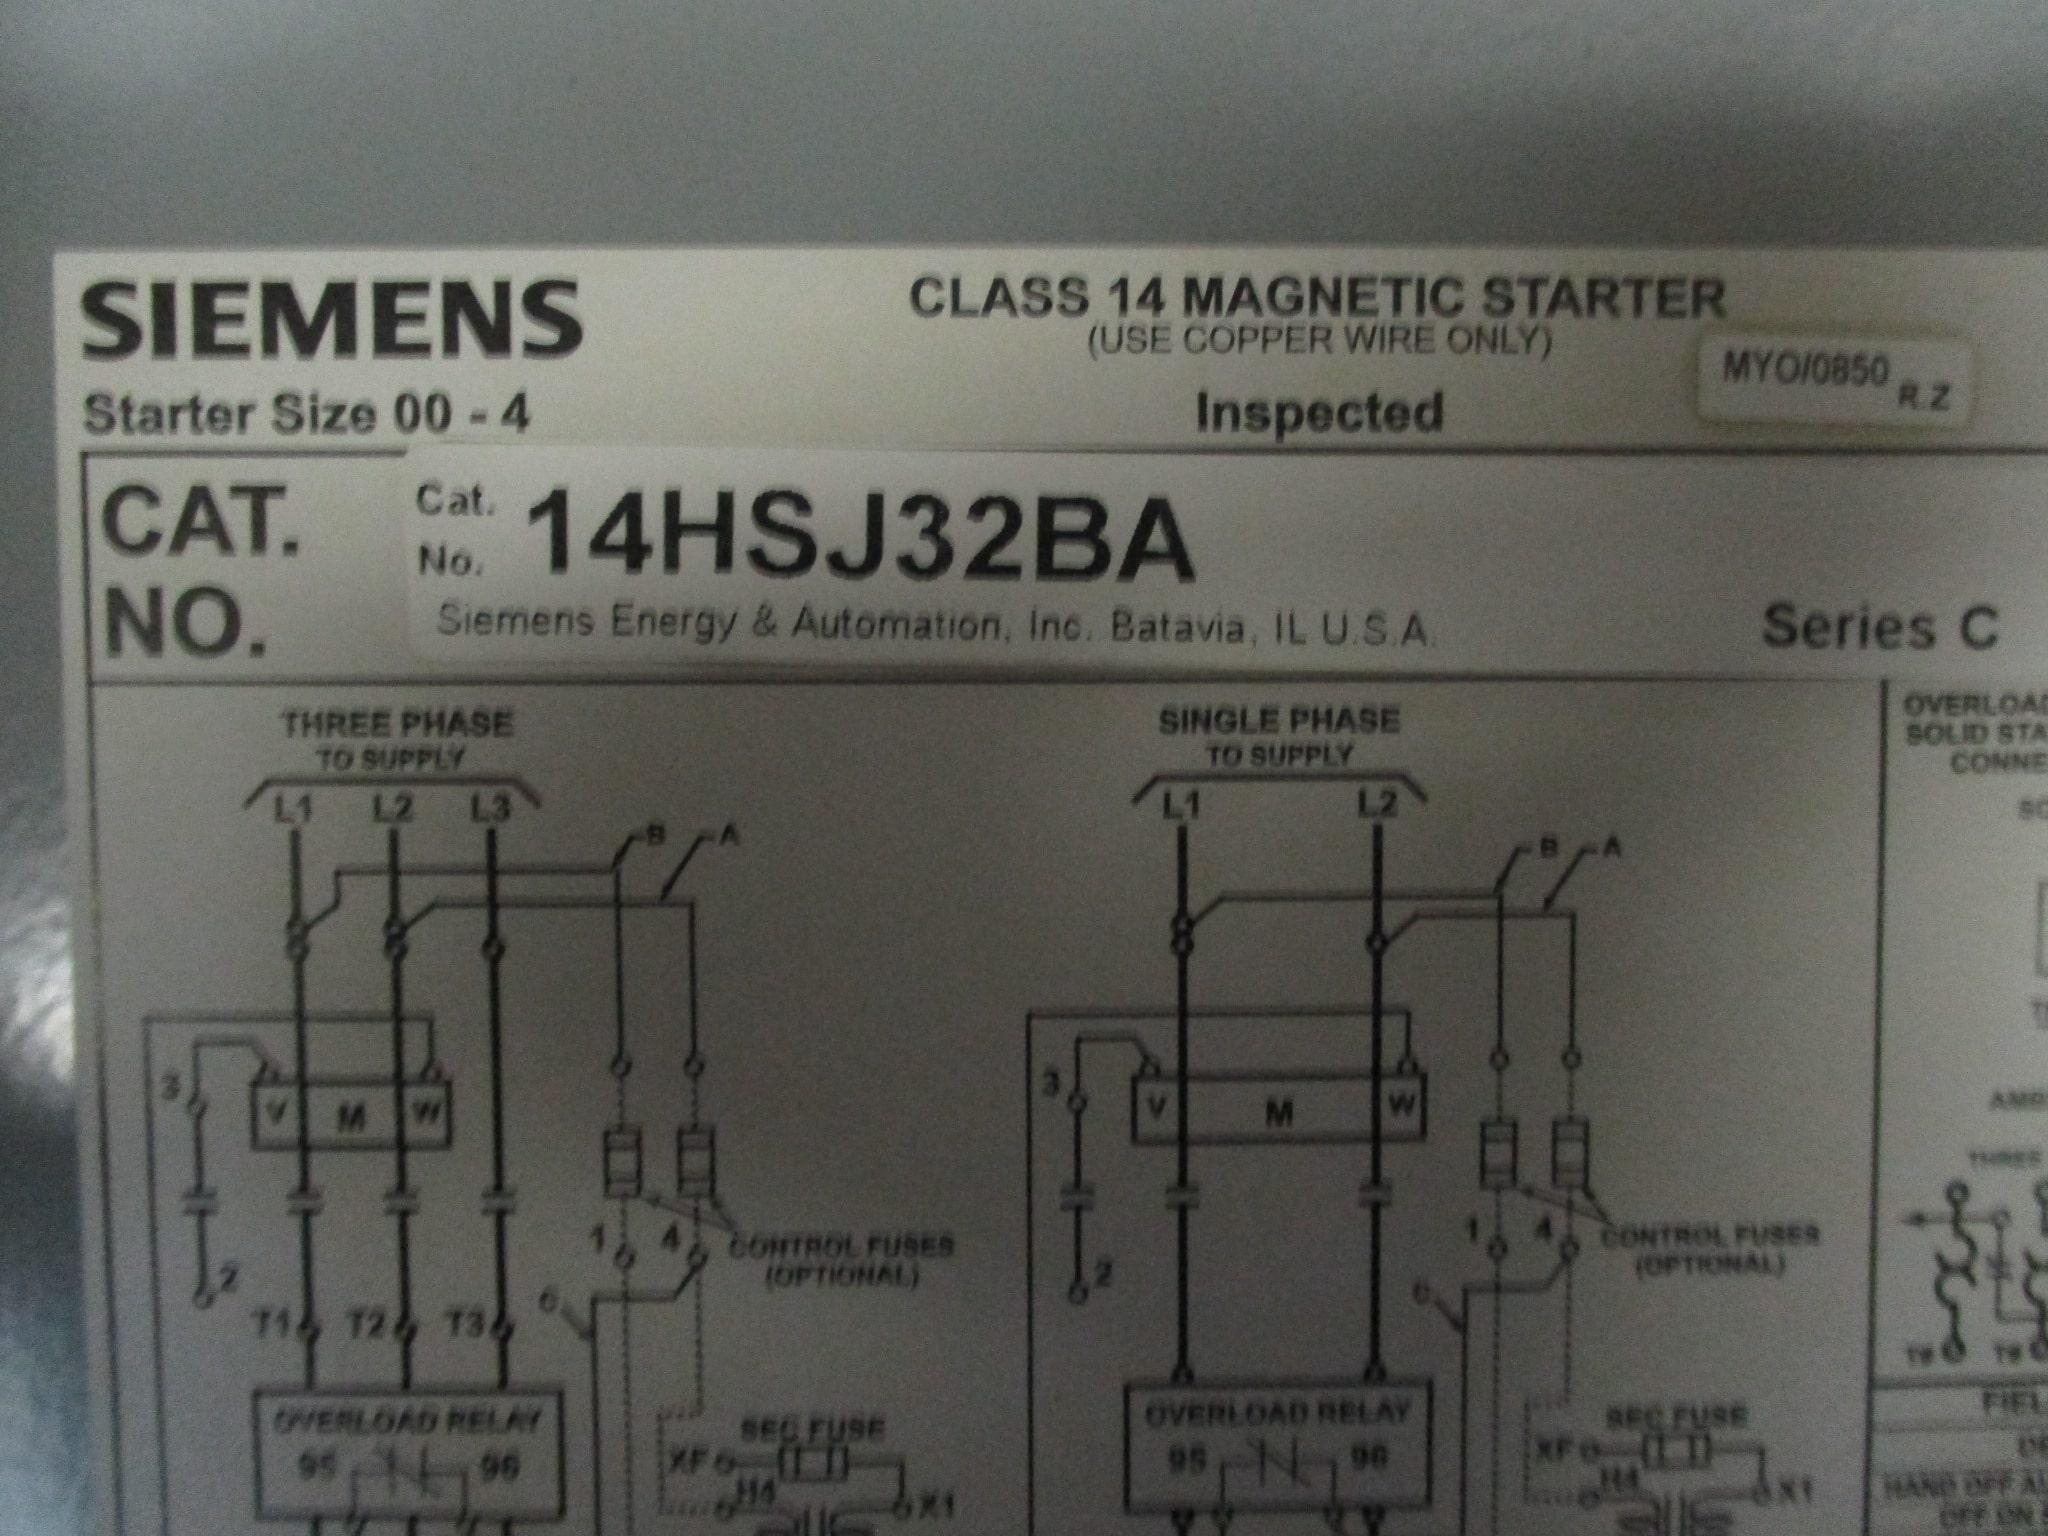 Siemens Motor Starter Wiring Diagram Wiring Diagram Car Stereo Mazda3 Sp23 Pujaan Hati Jeanjaures37 Fr